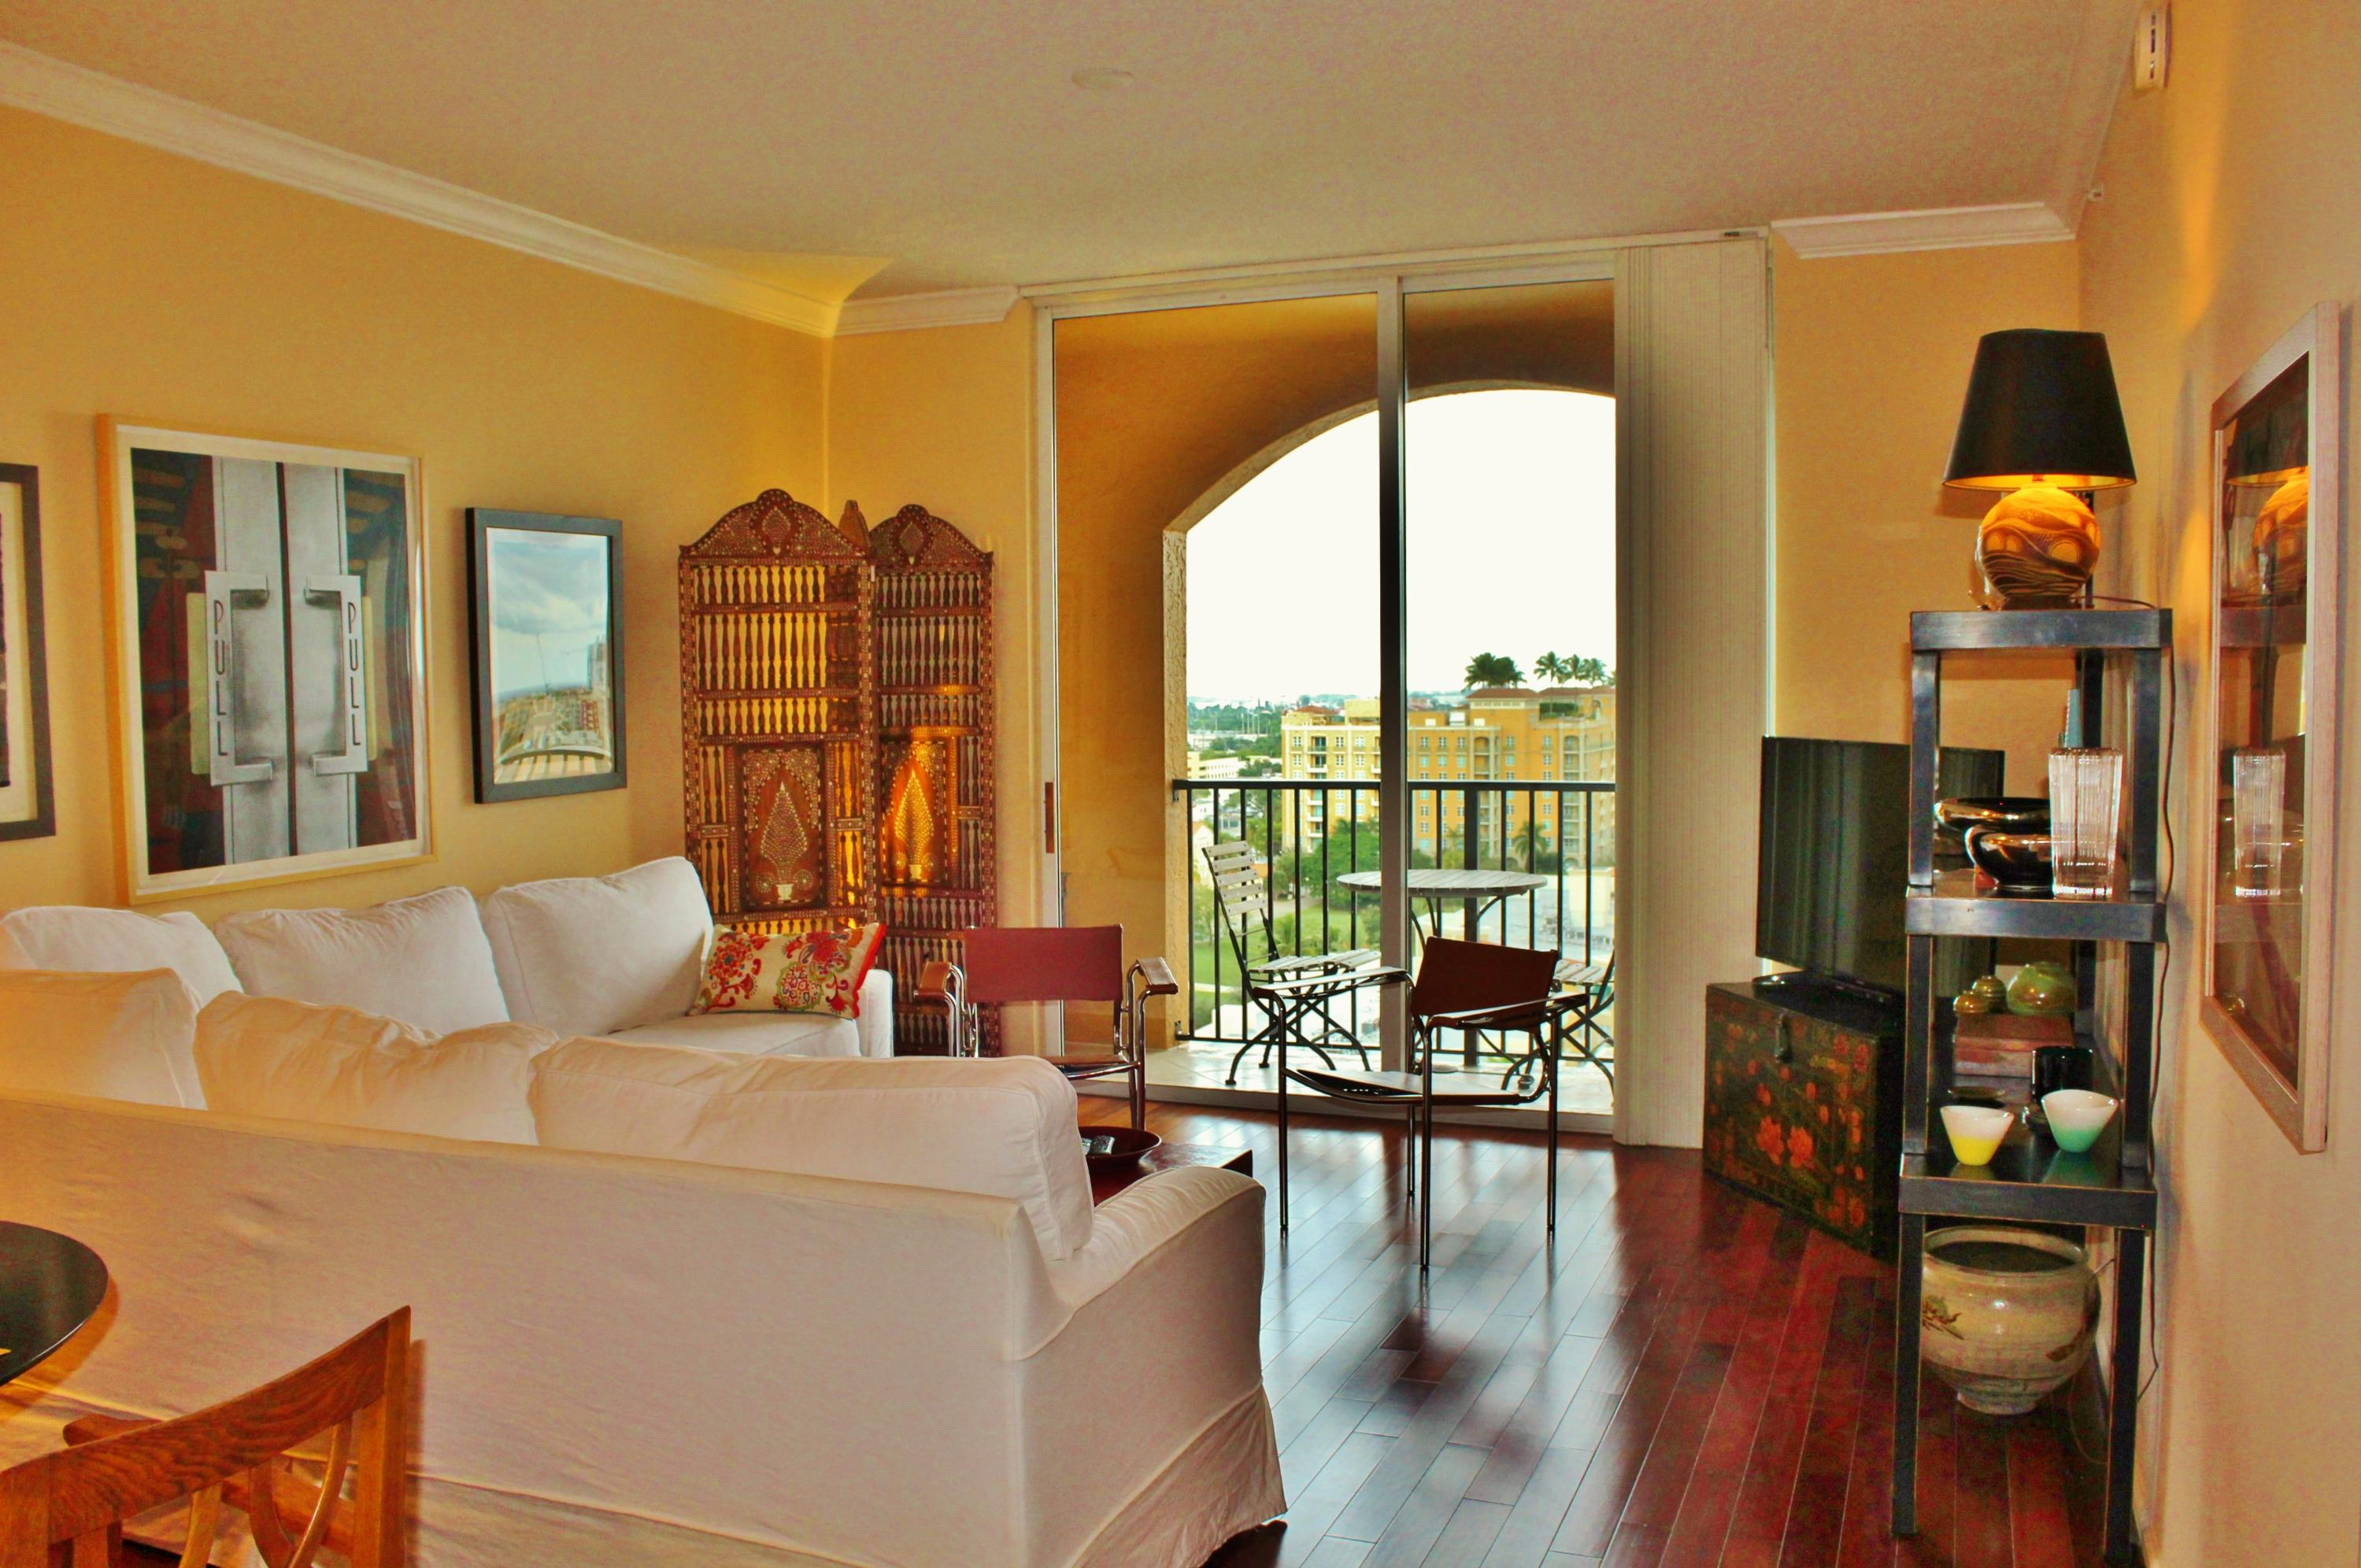 651 Okeechobee Boulevard, West Palm Beach, Florida 33401, 1 Bedroom Bedrooms, ,1 BathroomBathrooms,Condo/Coop,For Rent,Okeechobee,12,RX-10483049